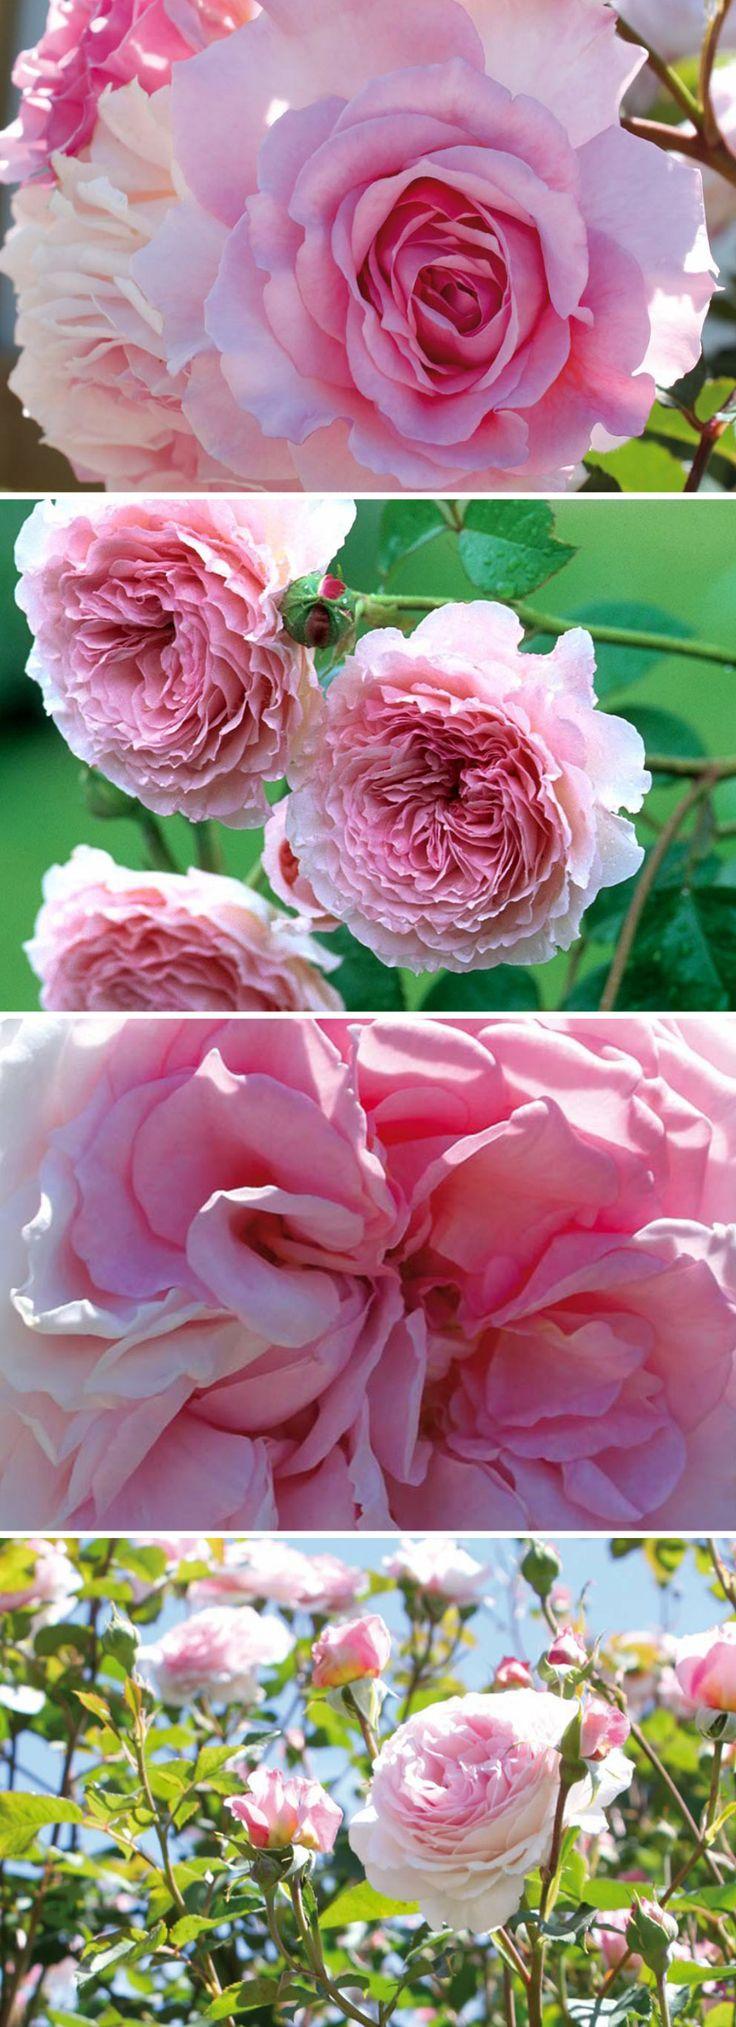 Ein Traum in rosa, wunderschön gefüllt im Stile einer Englischen Rose - gefunden auf www.tom-garten.de